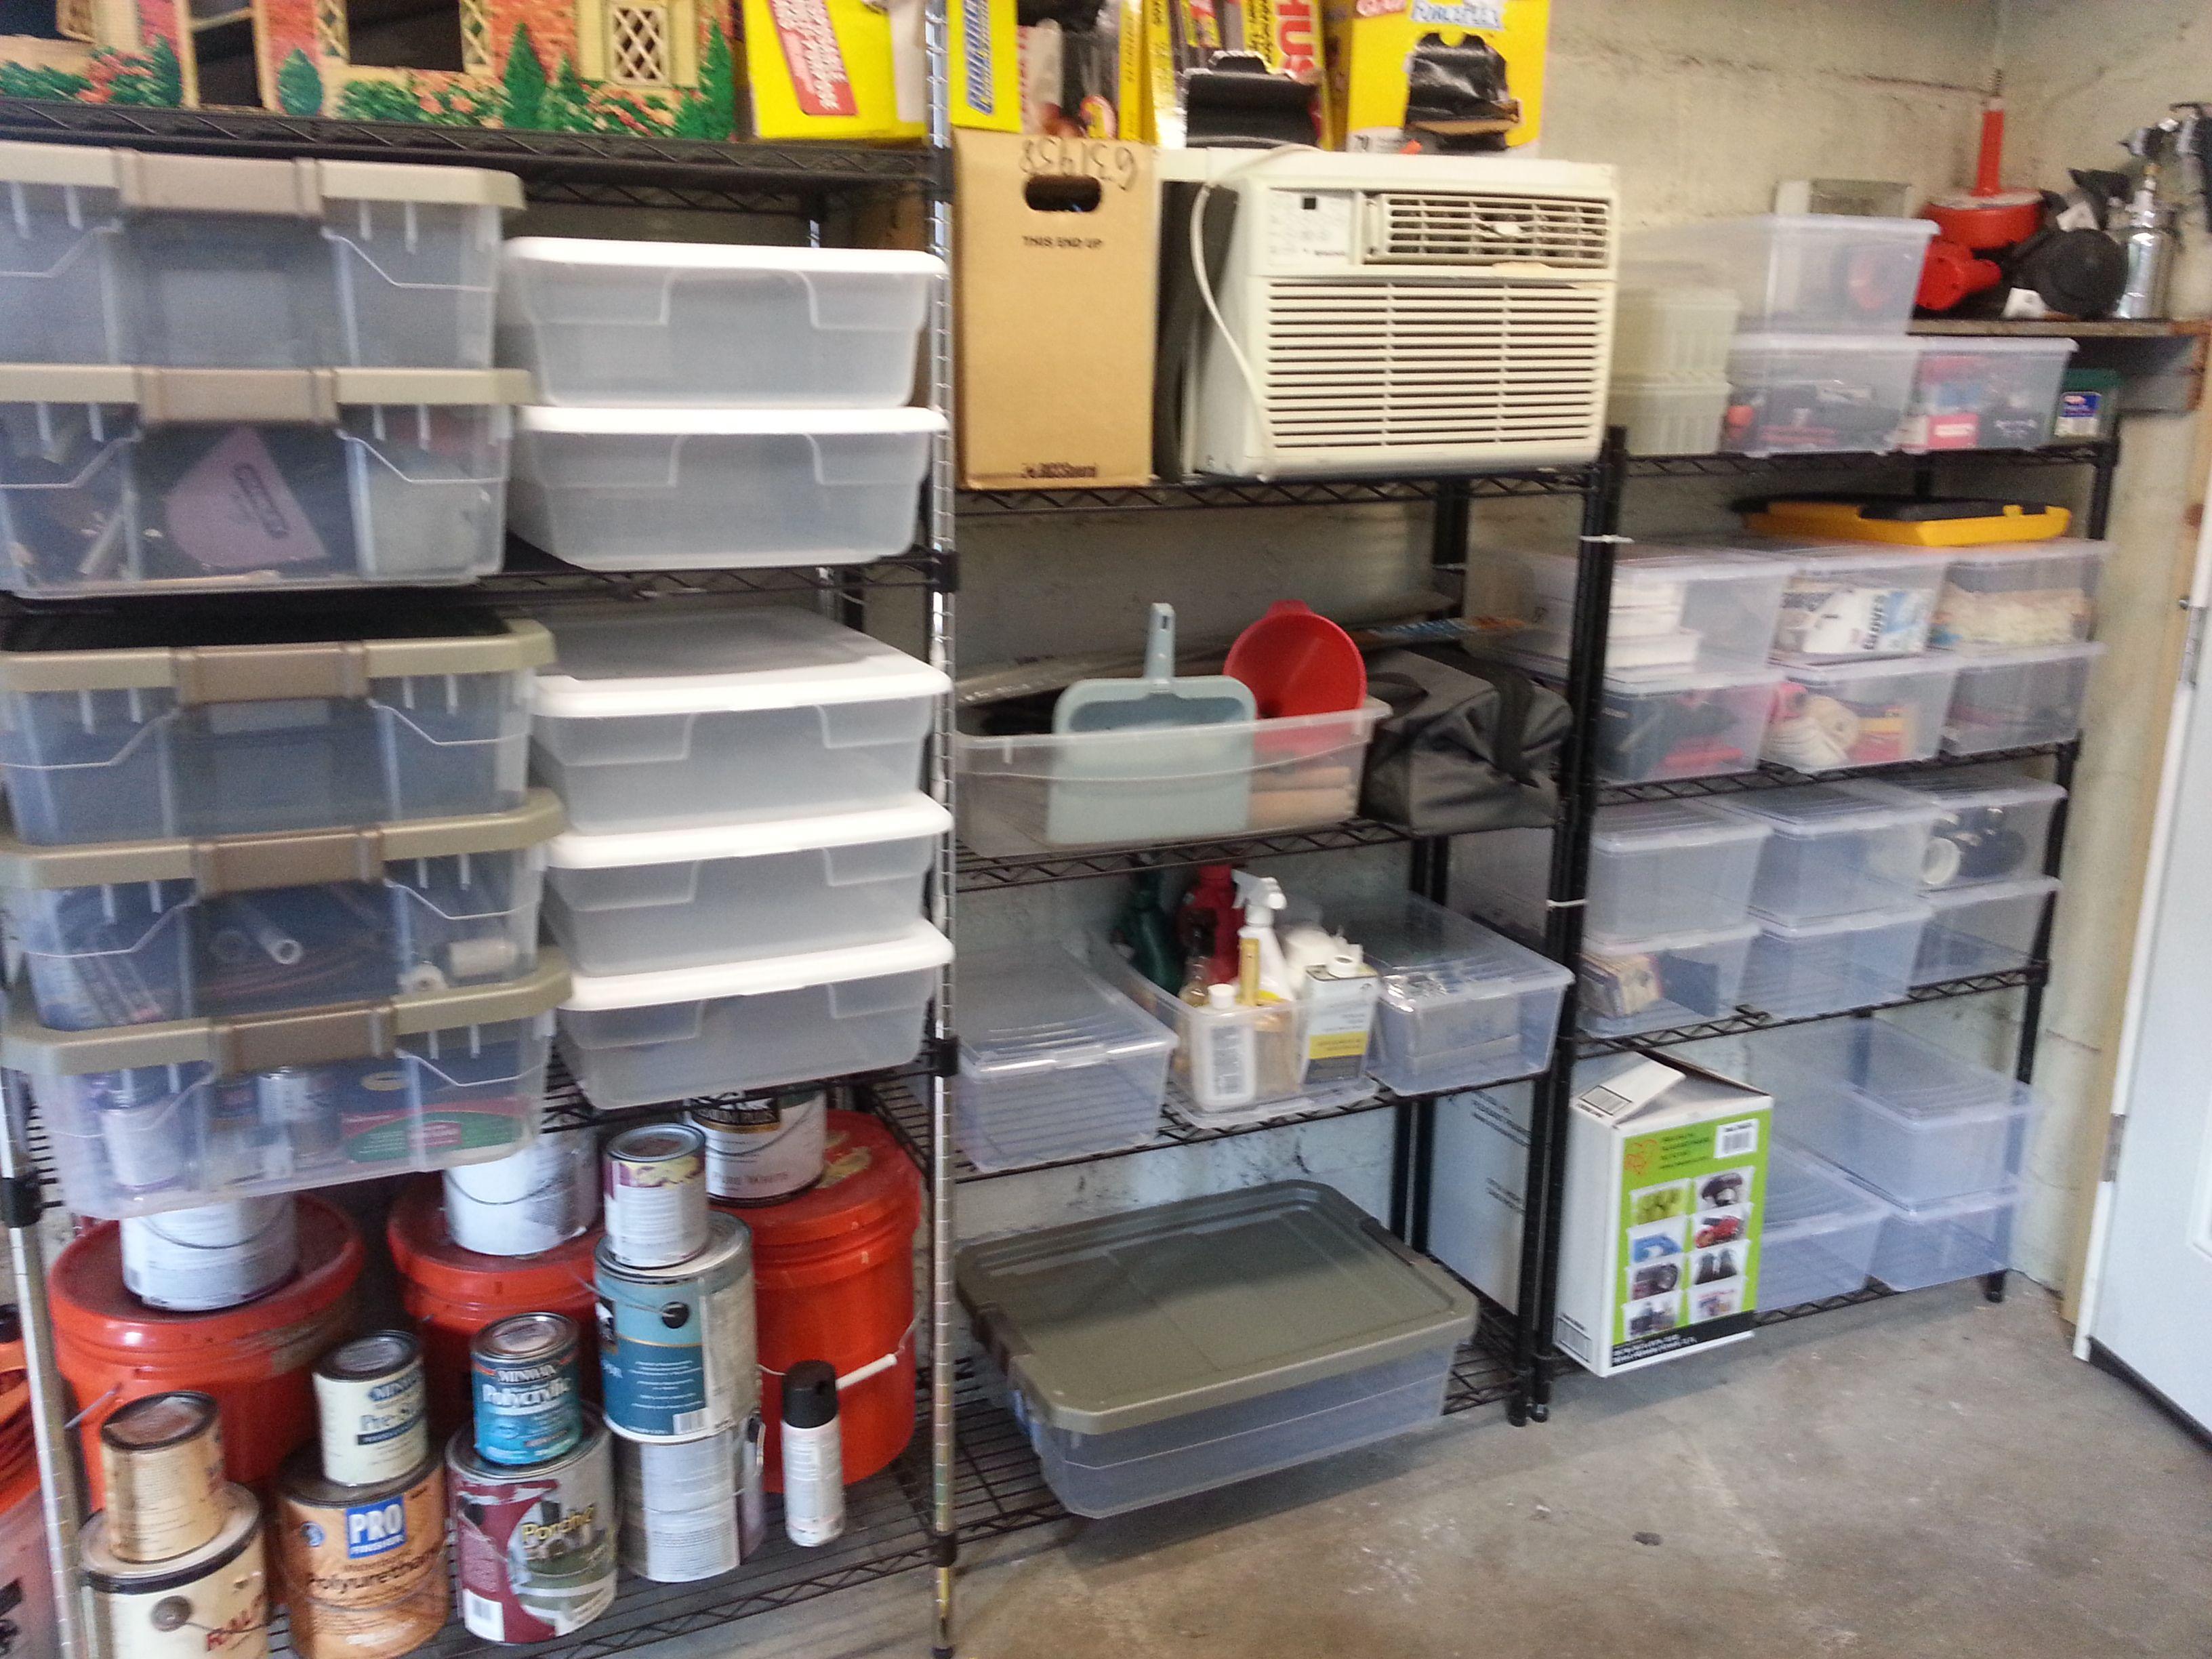 Iris stackable storage boxes from Costco  Sterilite 7-Gallon